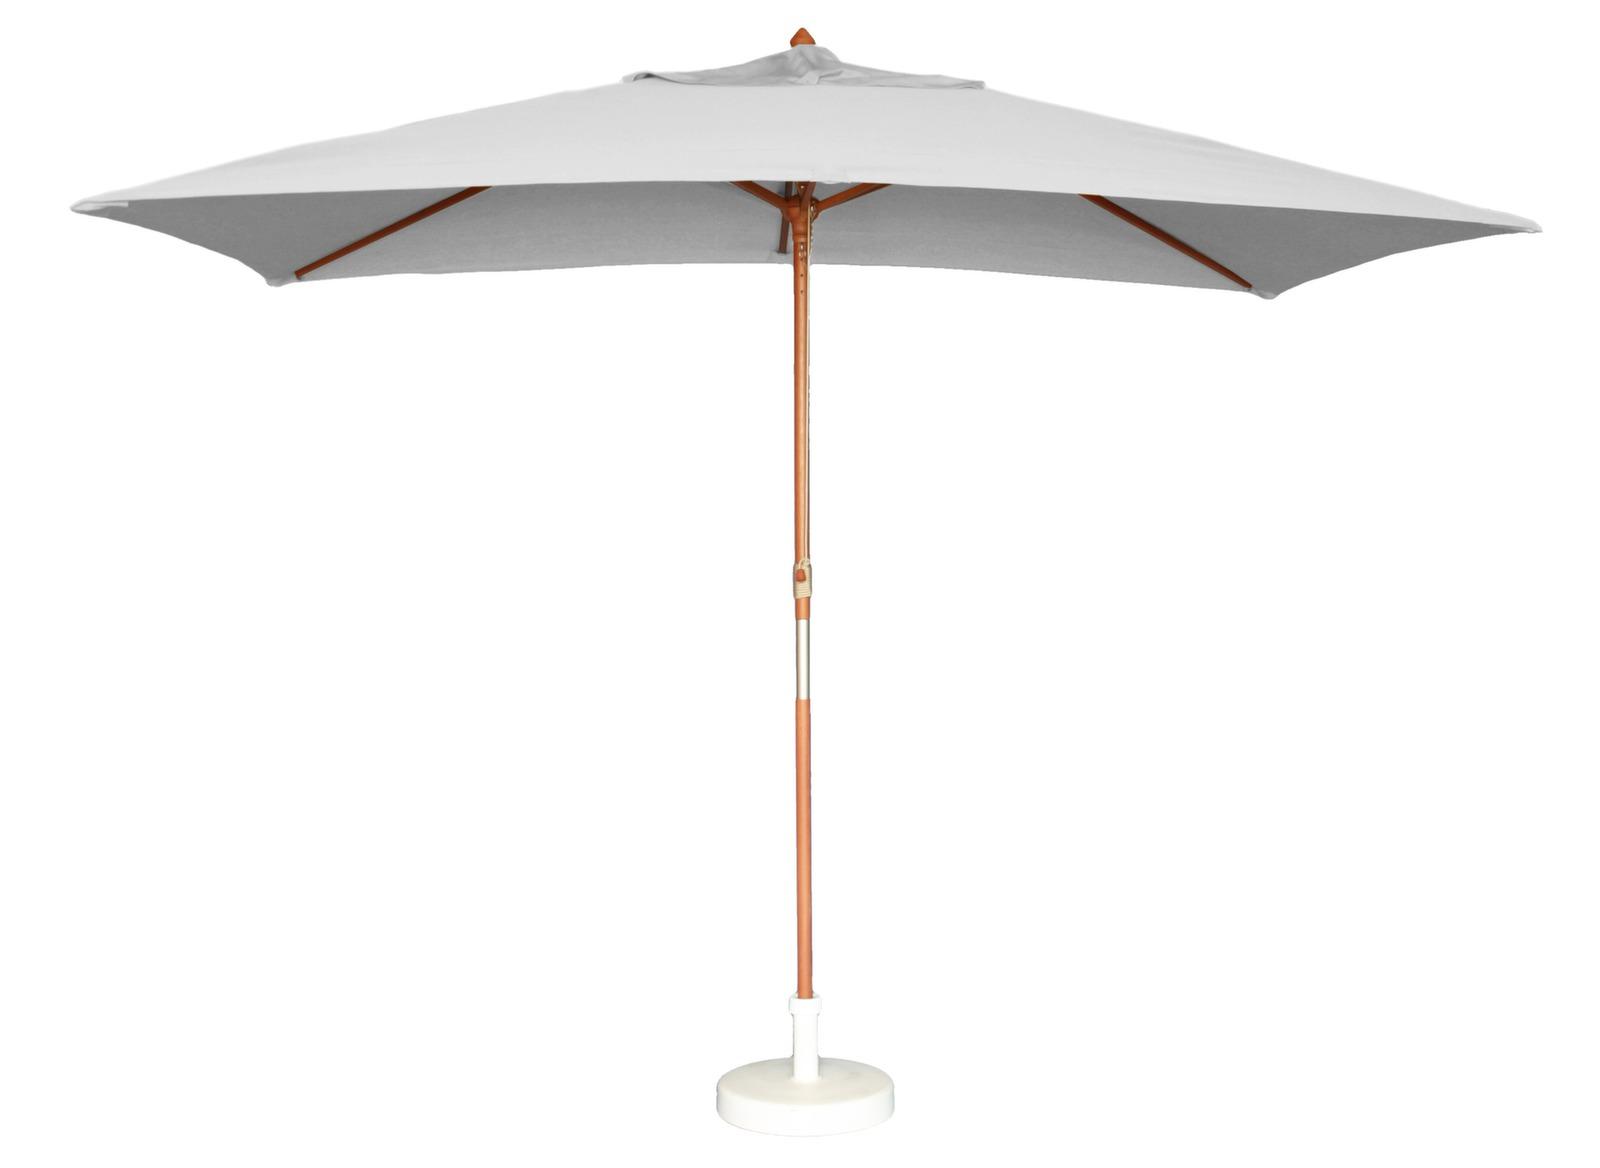 housse pour parasol droit 3x2 a 3x4 m